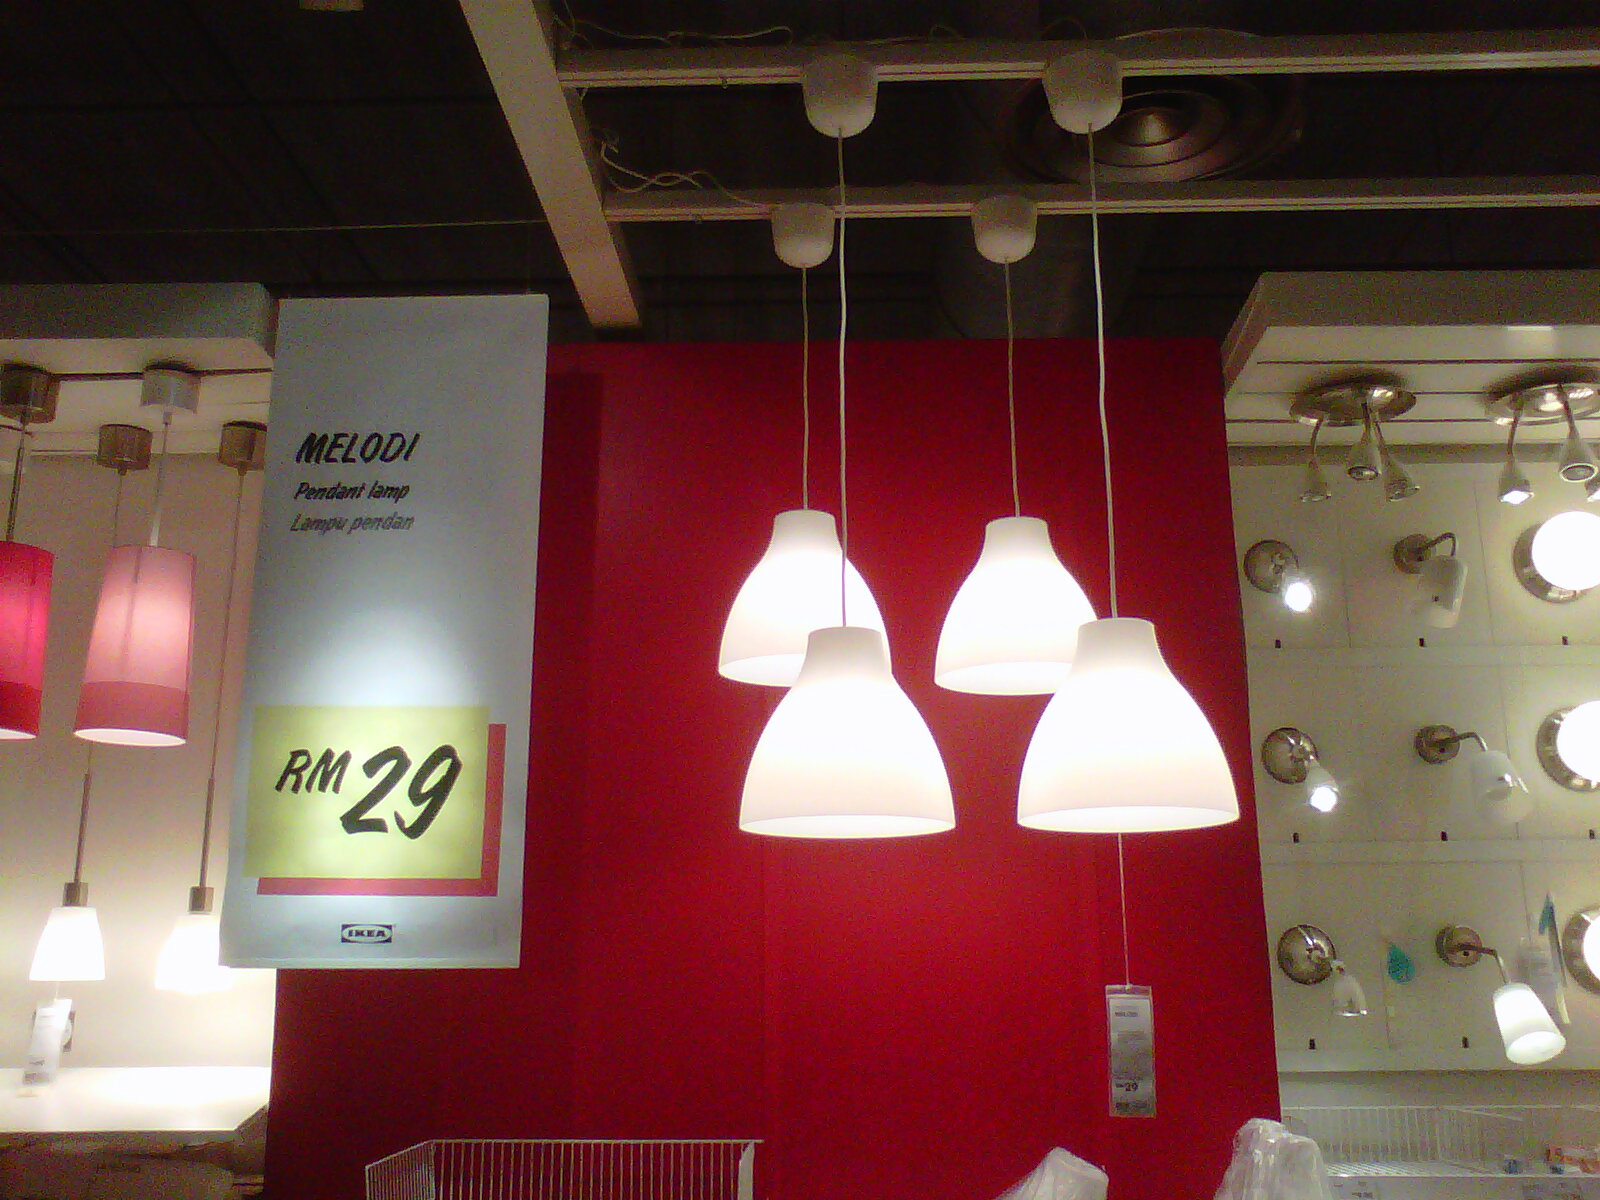 Pastu Cik Hubby Beli Lampu Nak Pasang Kat Kitchen K Ntah Kenape Jugak Banyak2 Nih Layan Kan Aje La